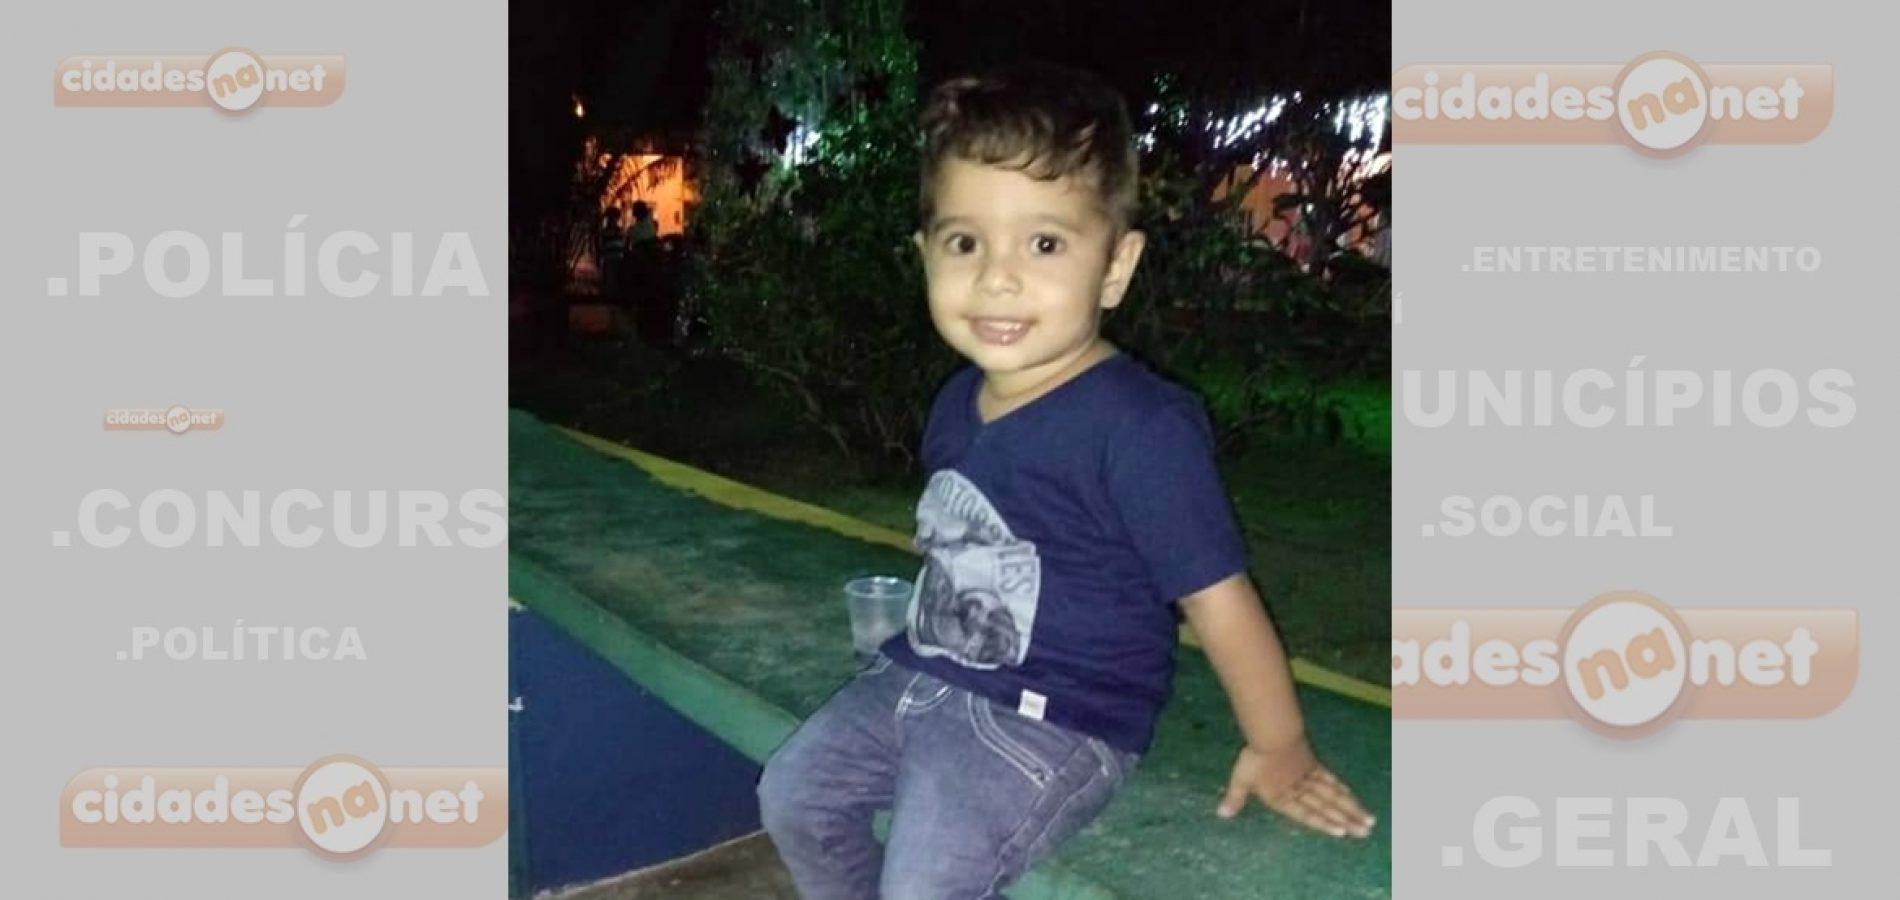 Tragédia em Belém! Criança de 2 anos morre afogada em fonte luminosa